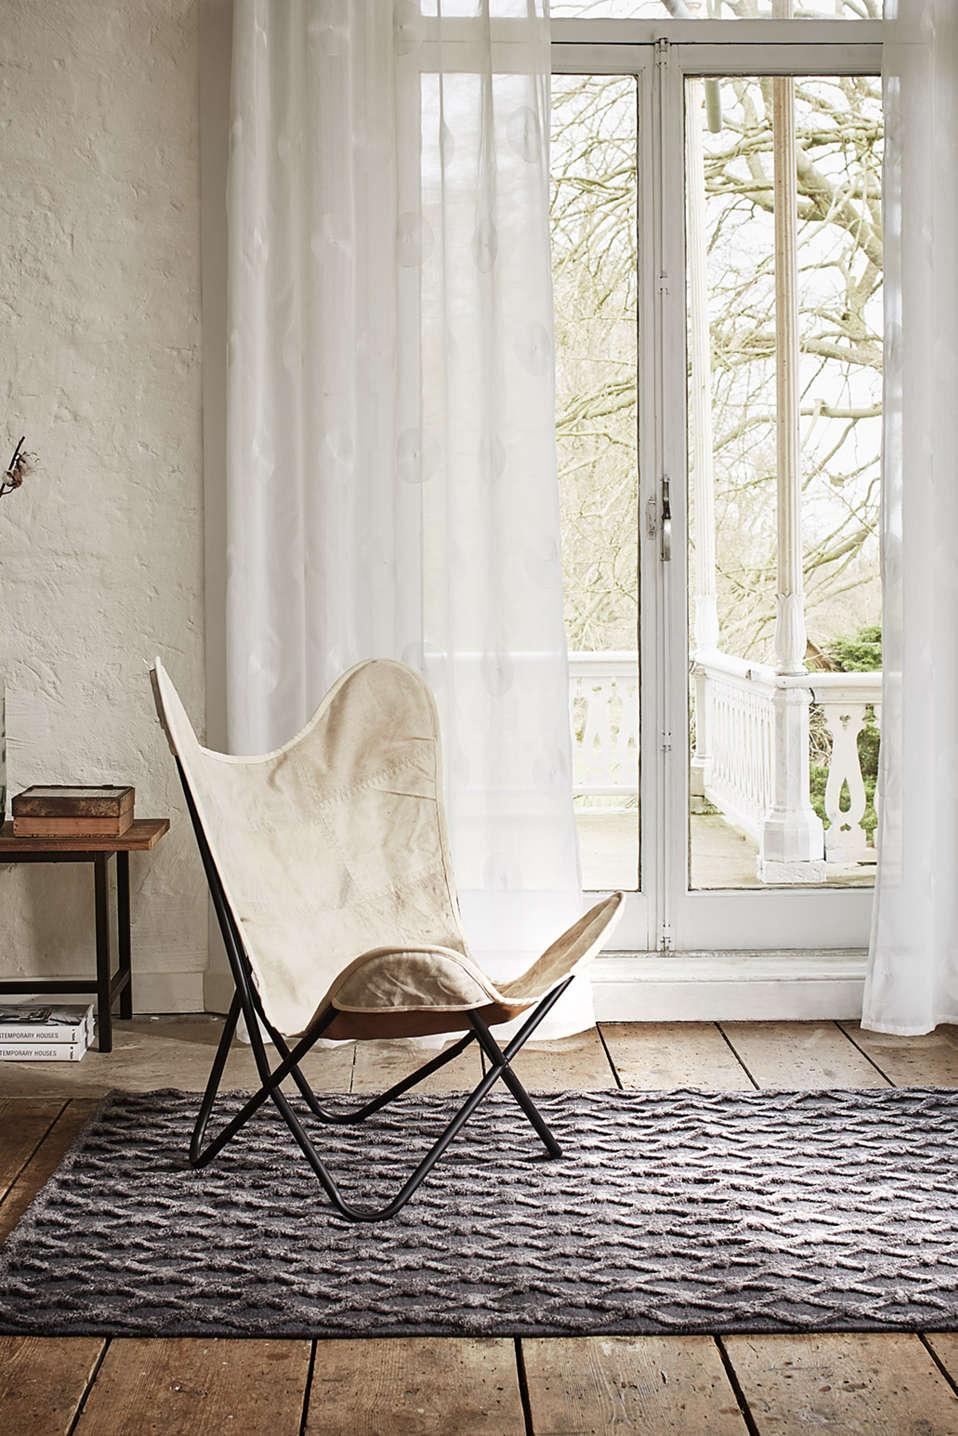 esprit sen schal rollo im online shop kaufen. Black Bedroom Furniture Sets. Home Design Ideas